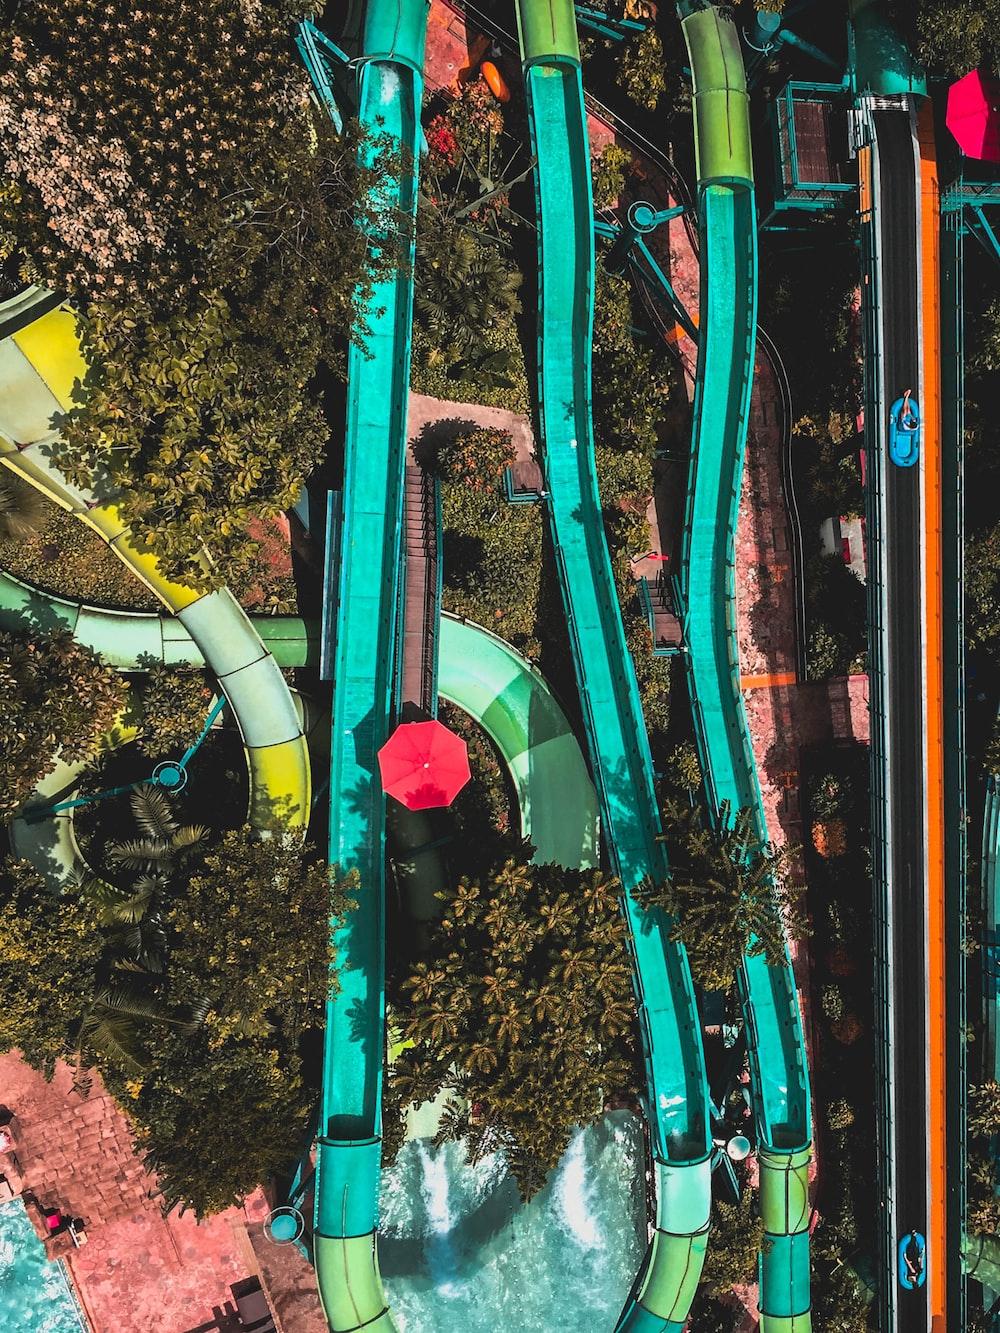 aerial photo of pool slide